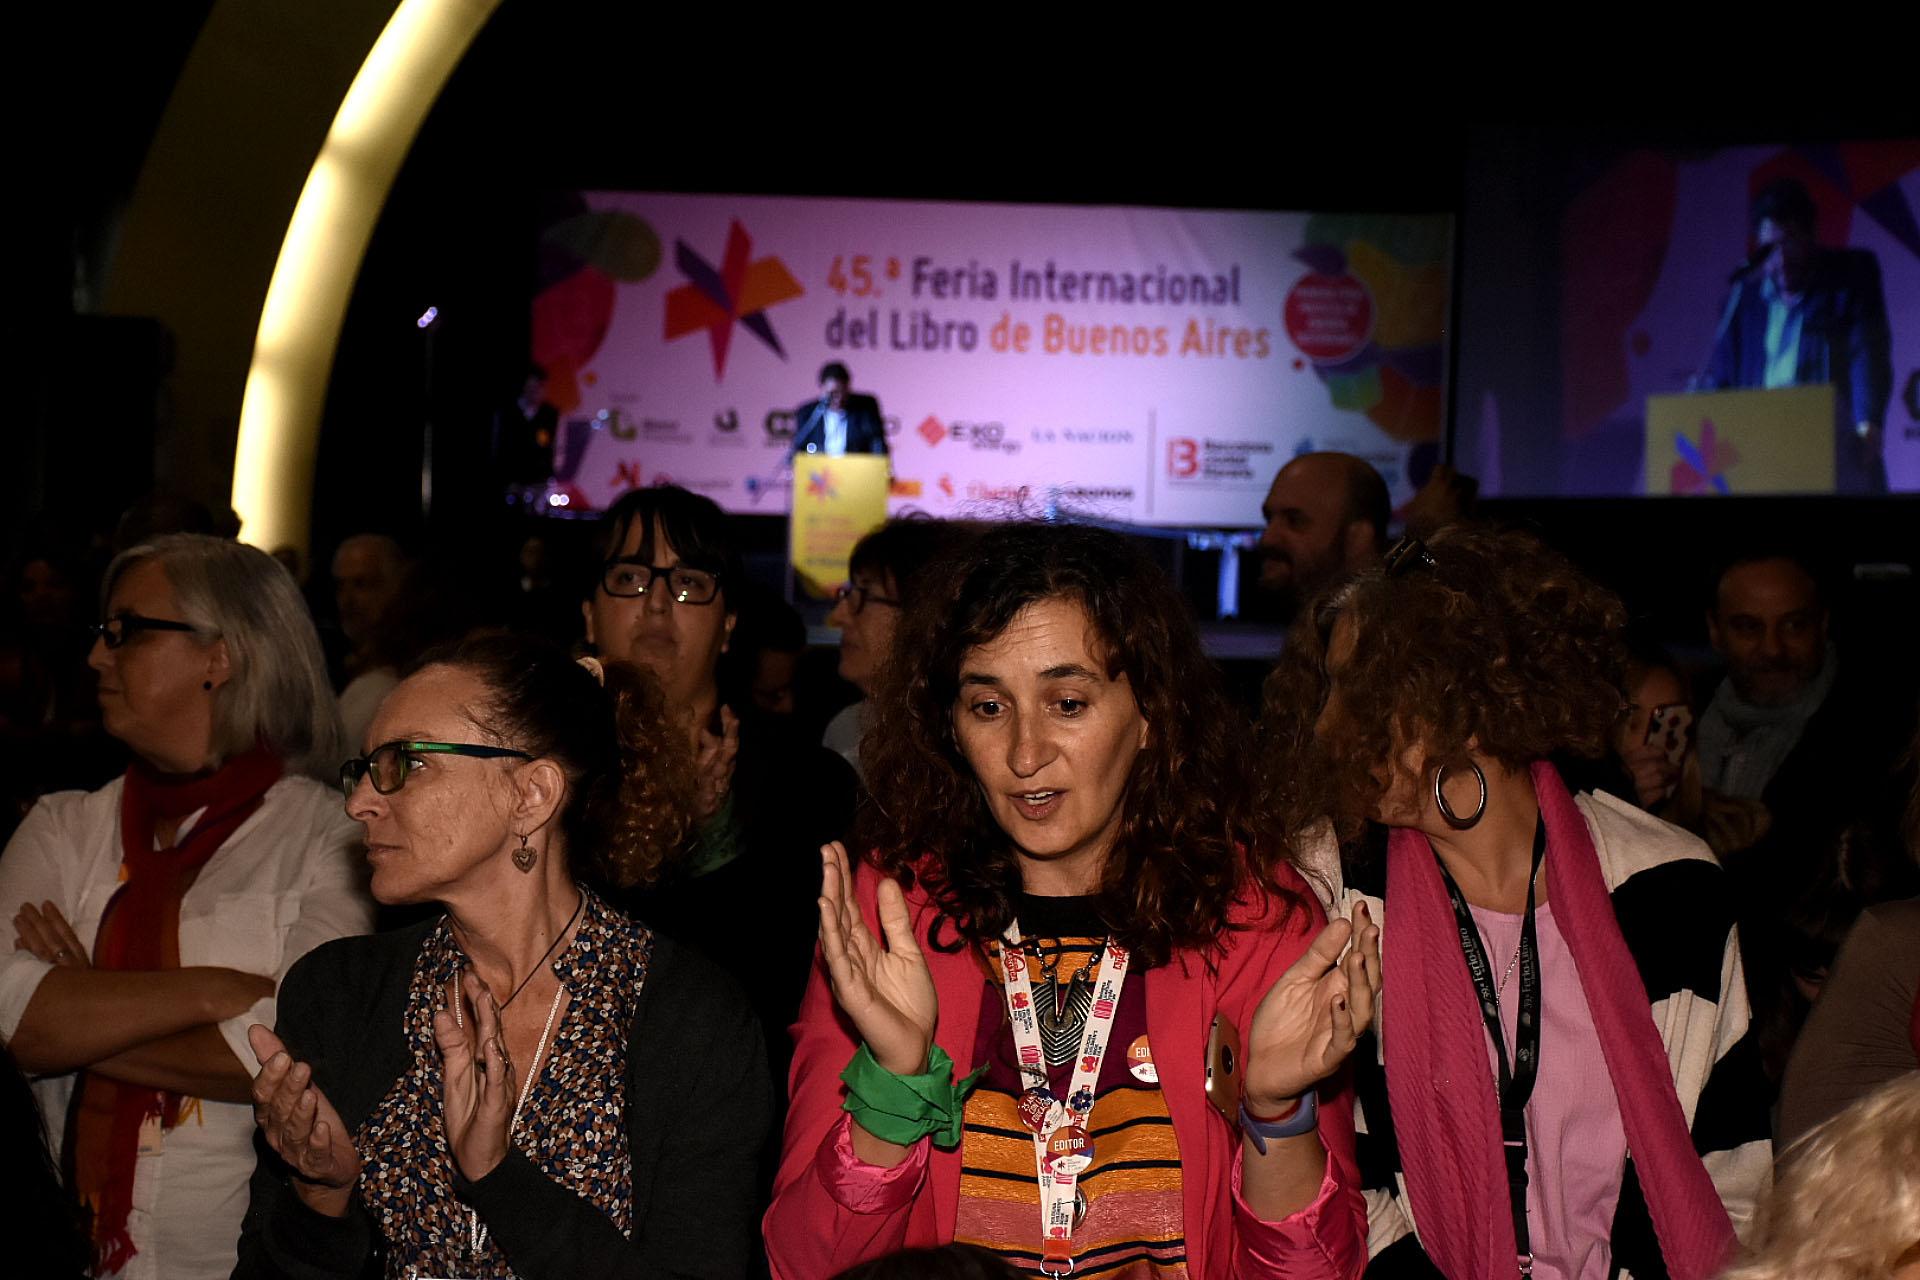 El público de la sala, de espaldas a Avelluto (Nicolás Stulberg)